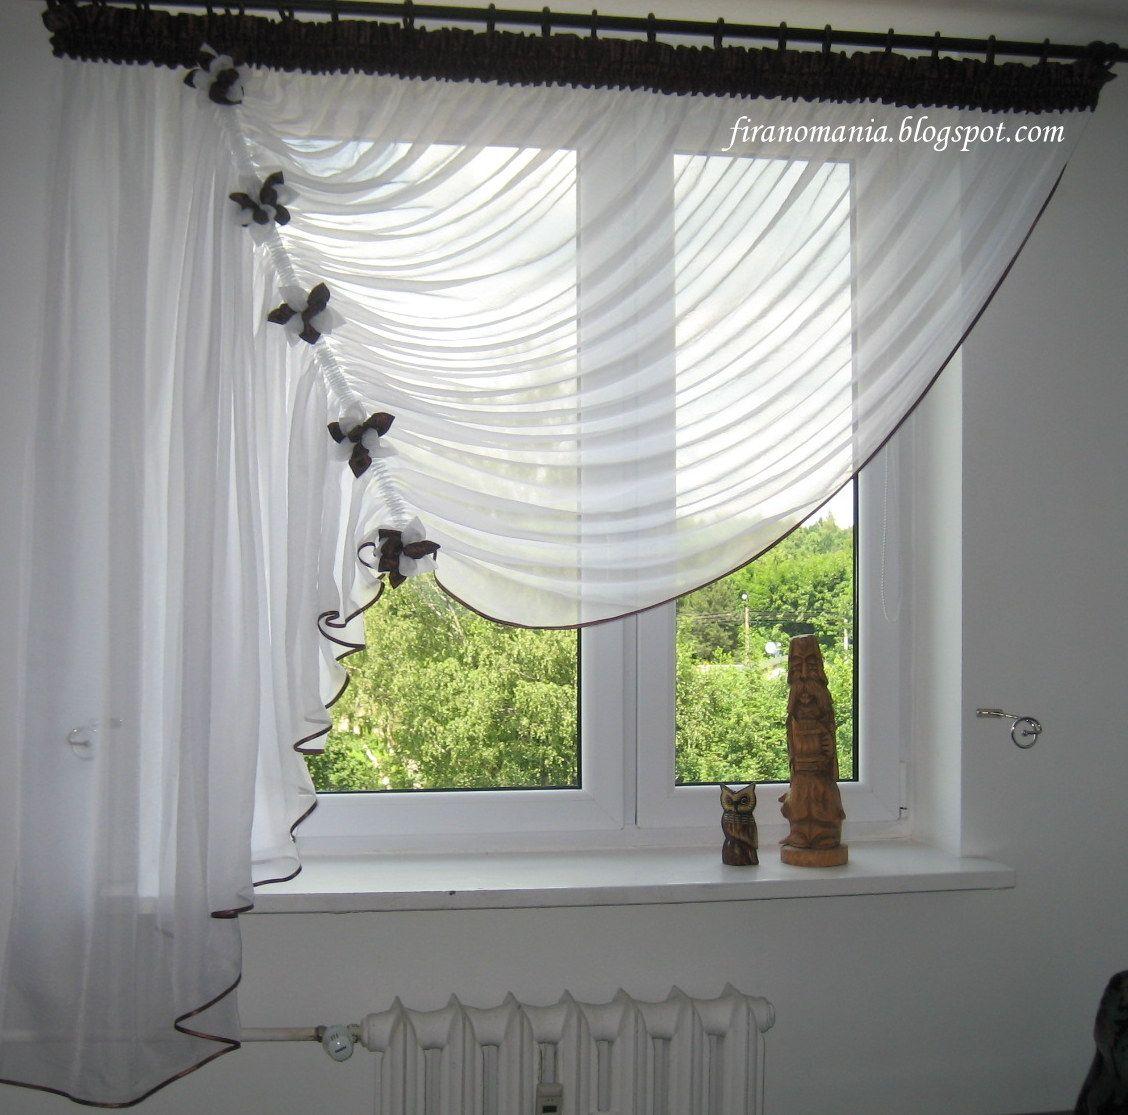 Fenstergestaltung Wohnzimmer Ideen: Nowy Wzór... (firanomania)